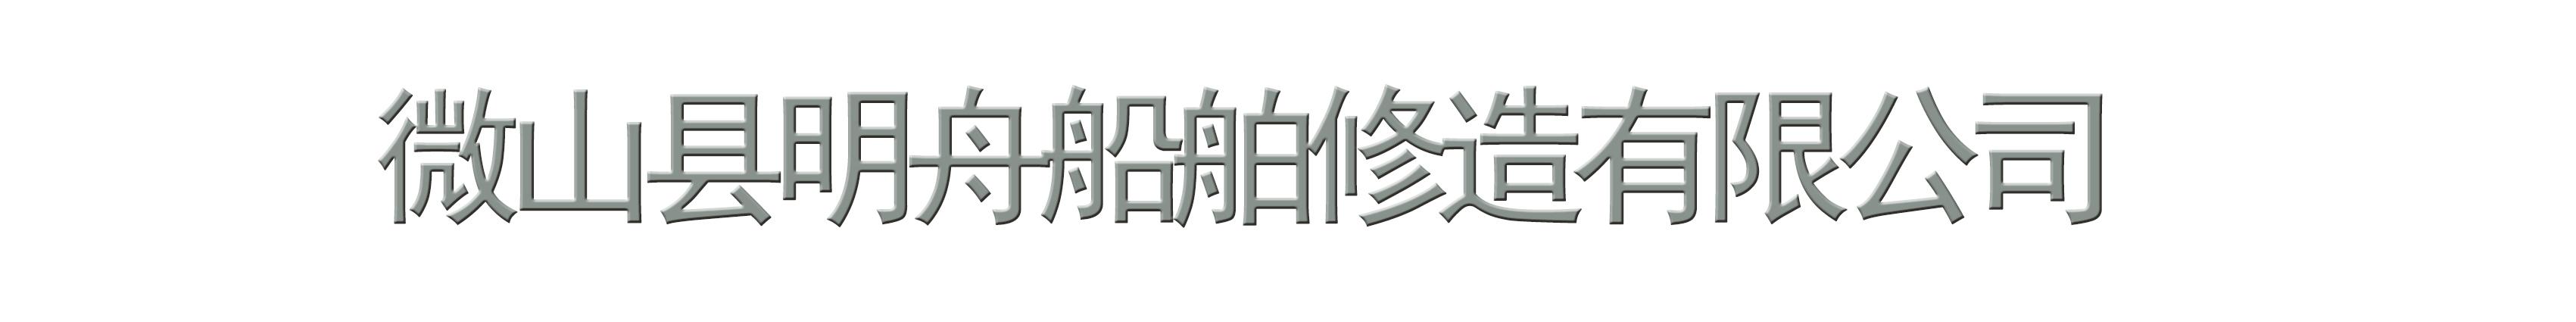 微山县明舟船舶修造有限公司